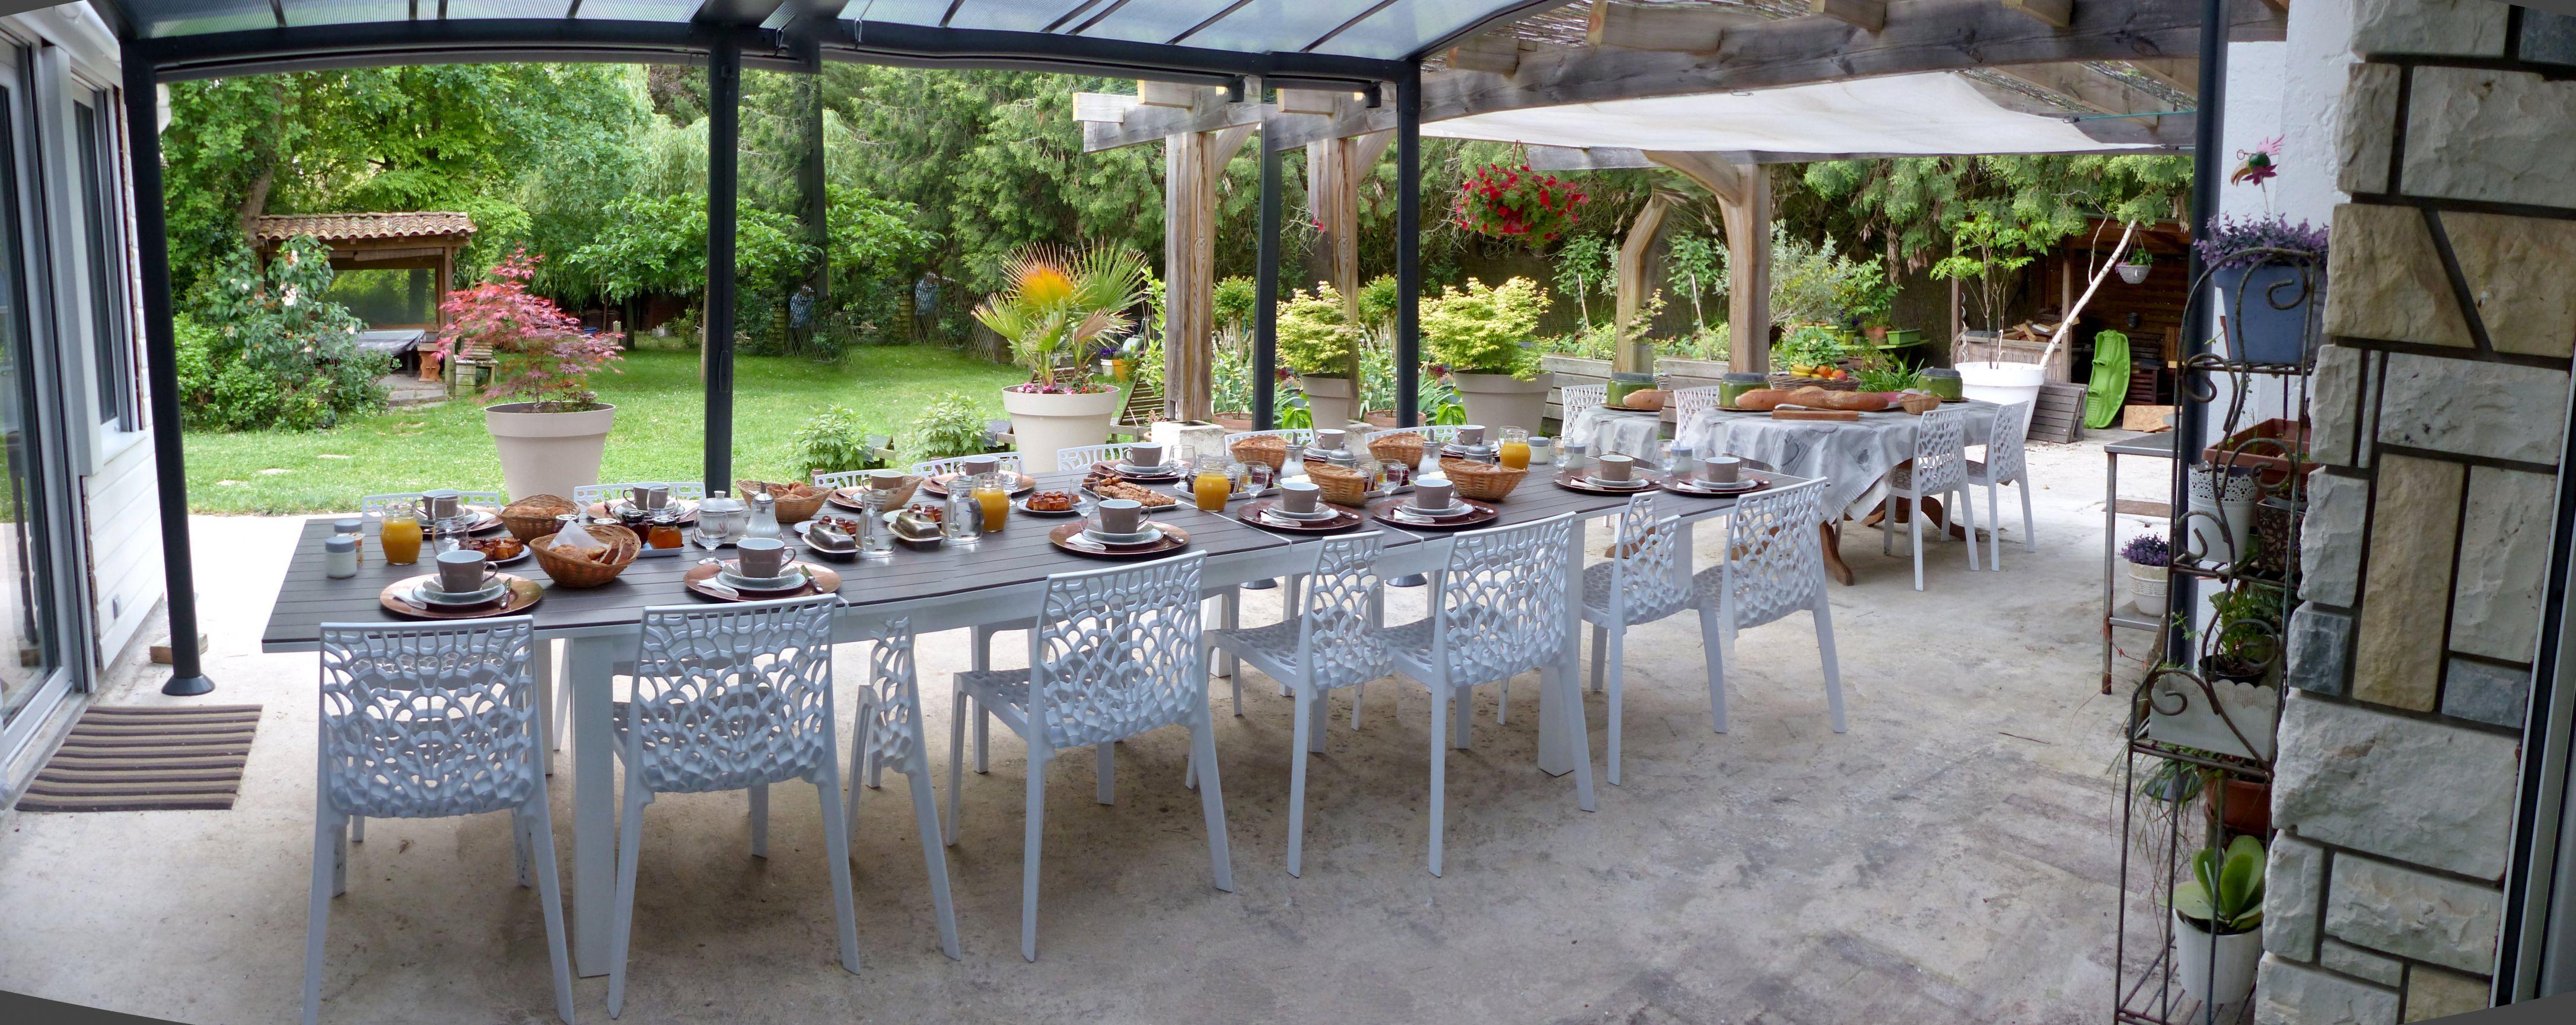 Petits déjeuners gourmands fait maison de la Maison Lucilda